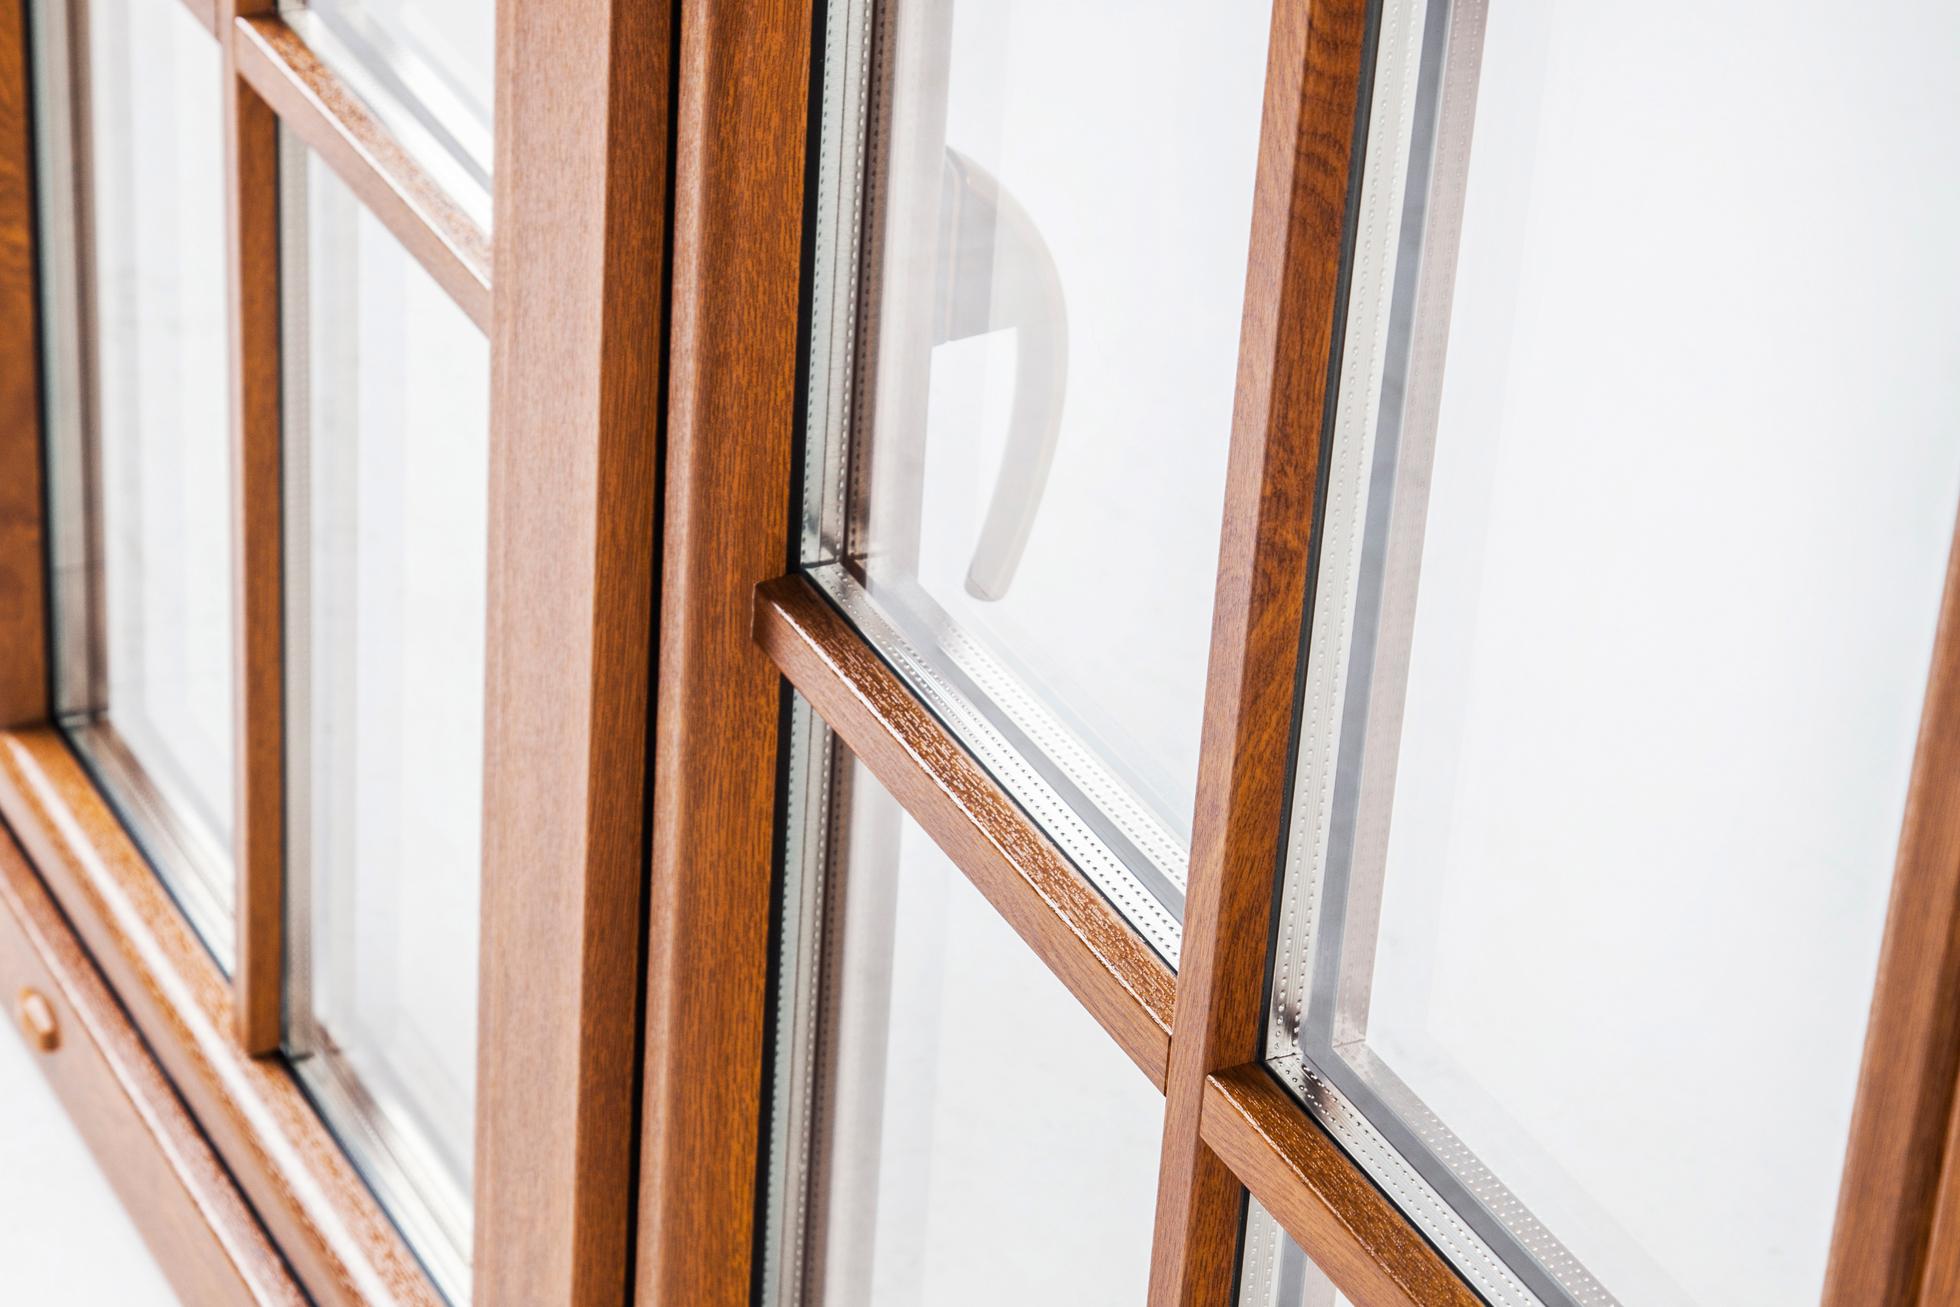 Okna Samoraj finestra pvc oblò bianca